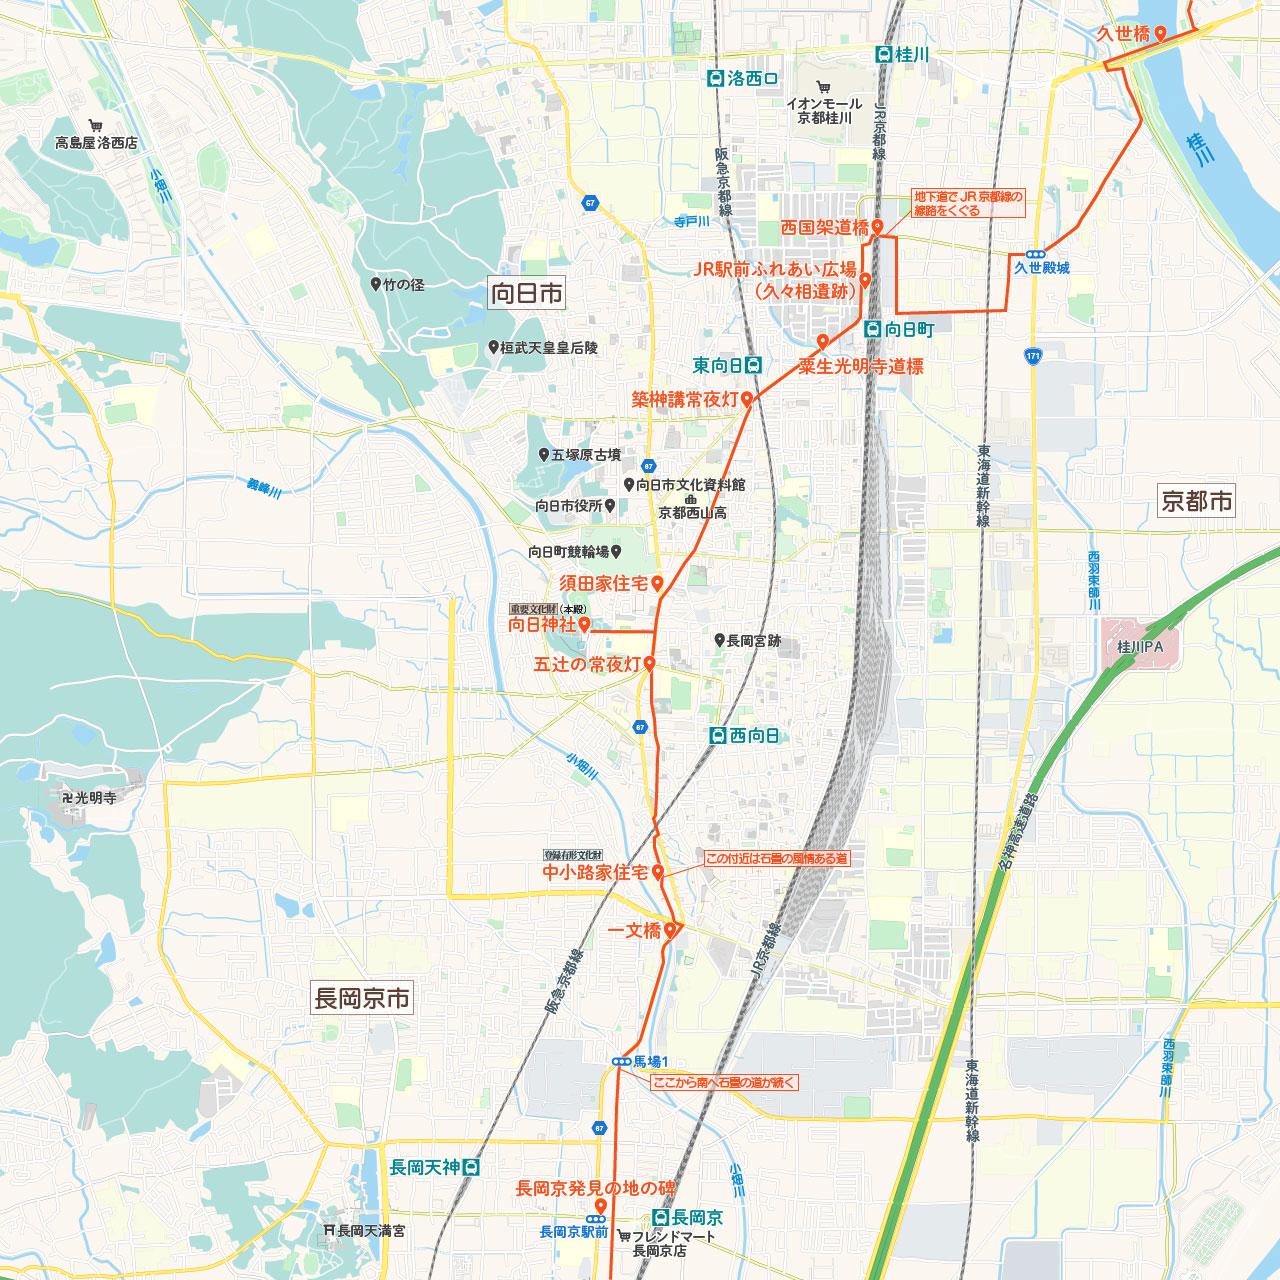 f:id:kimura_khs:20201219165920j:plain